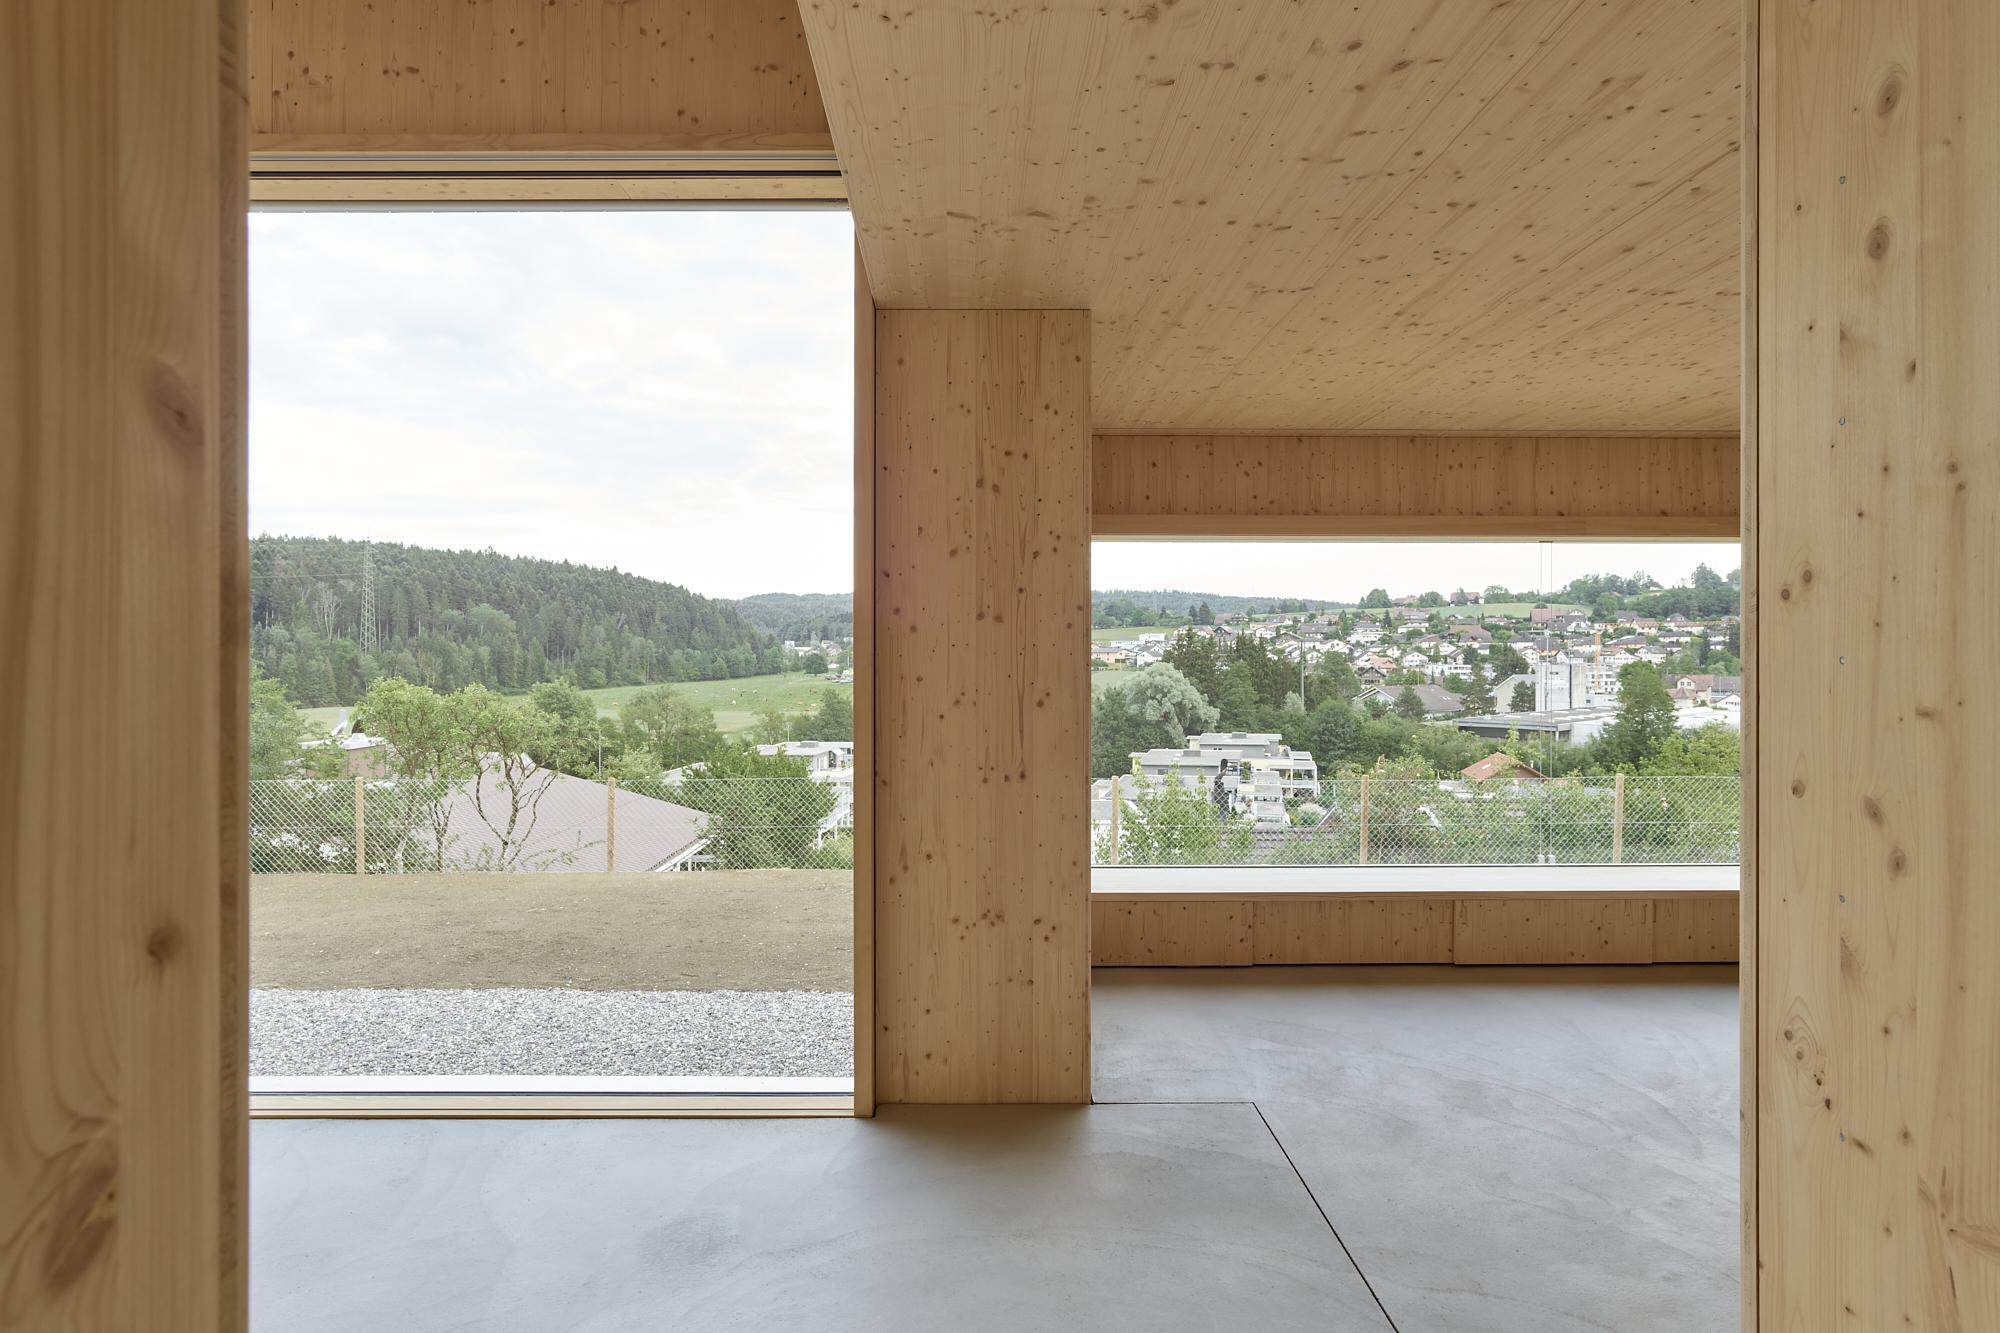 Ersatzneubau EFH, Vordemwald - Fertigstellung